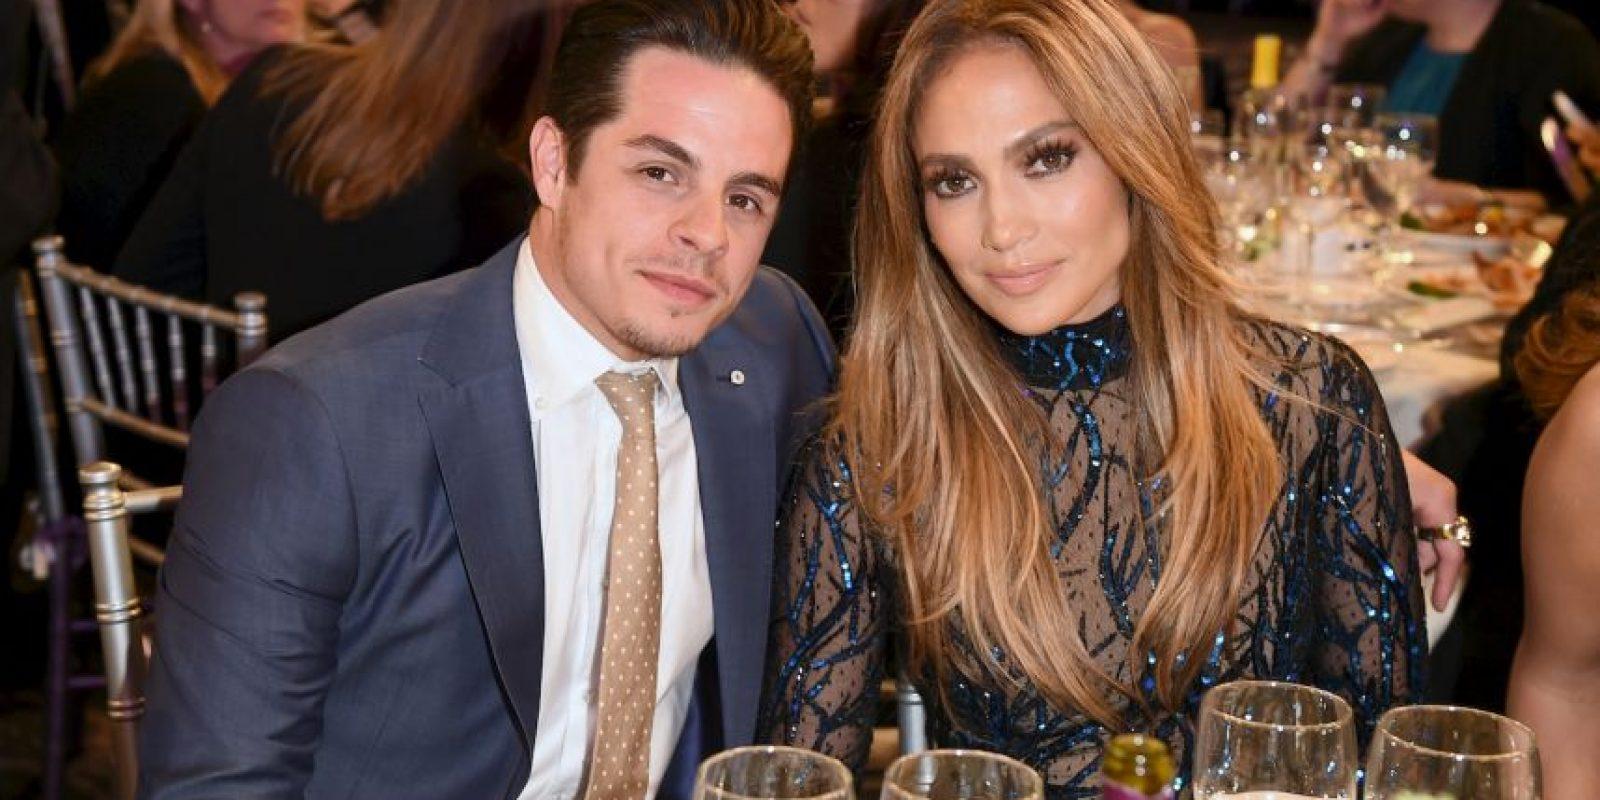 Se cree que ambos pudieron haber fingido su ruptura. Foto:Getty Images